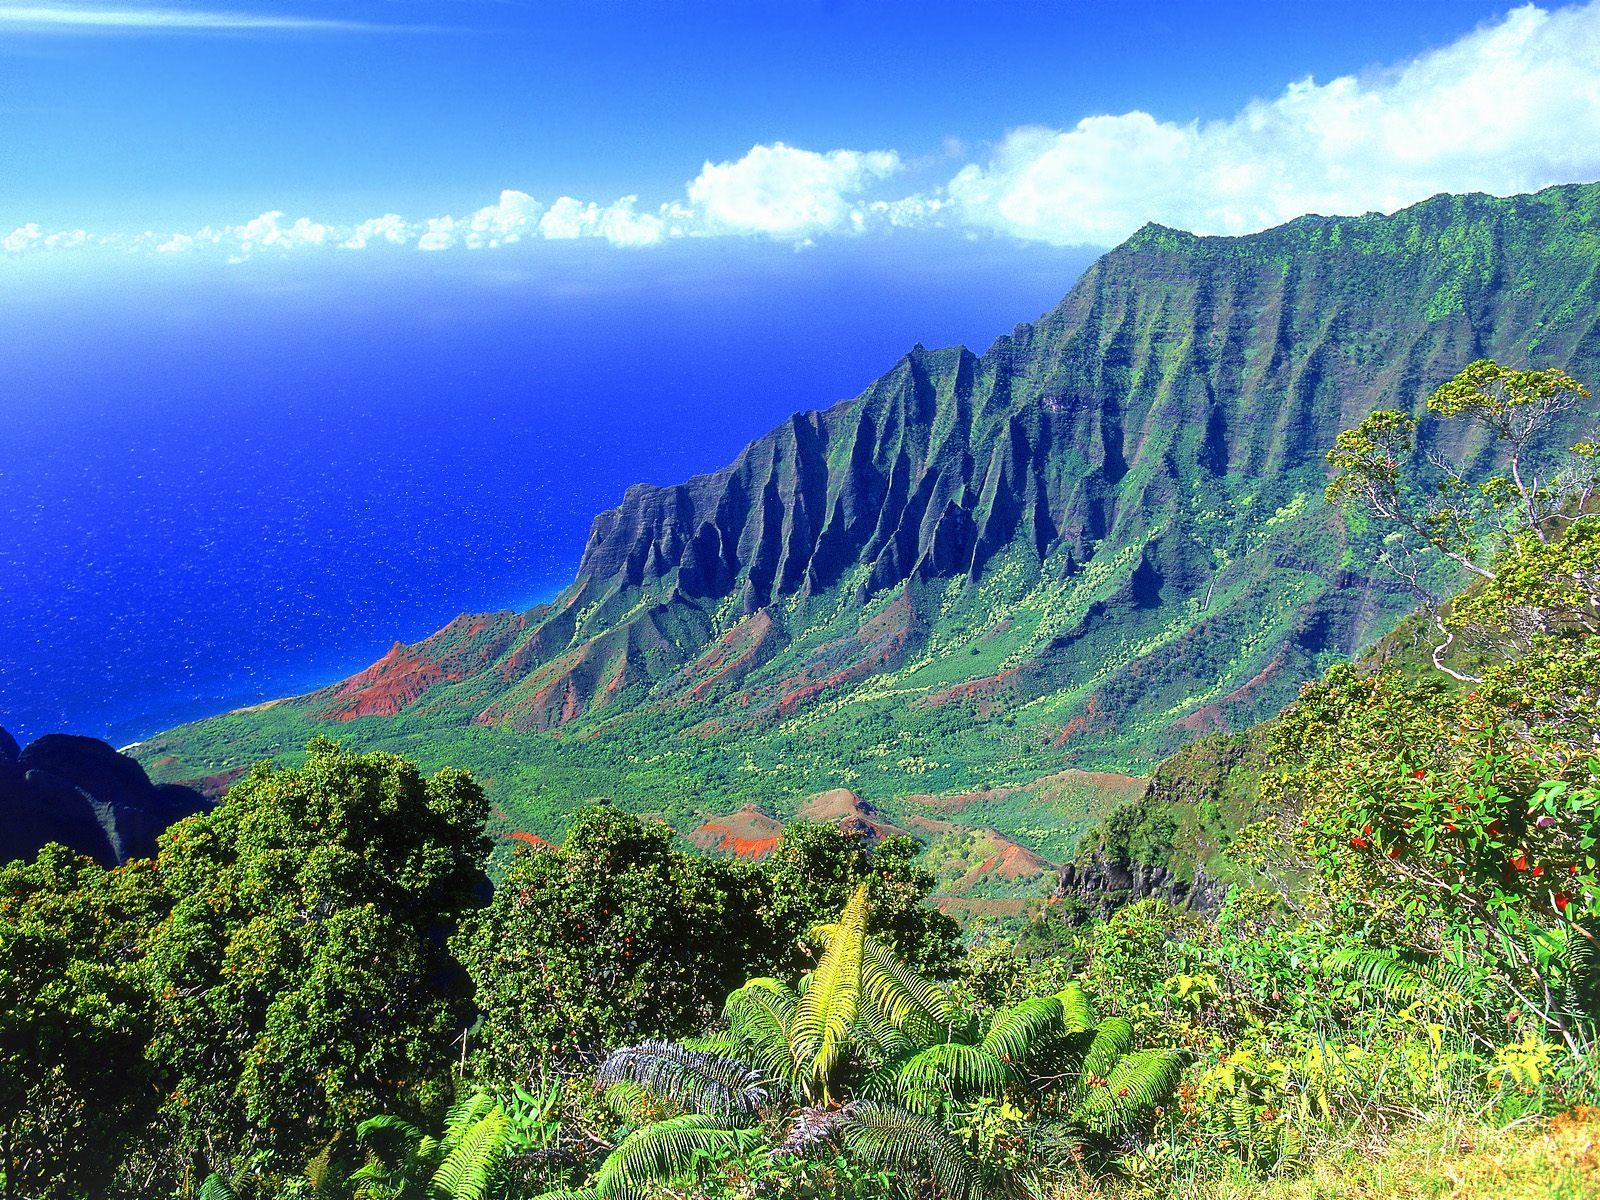 Kauai Hawaii: Tourism: Hawaii Island